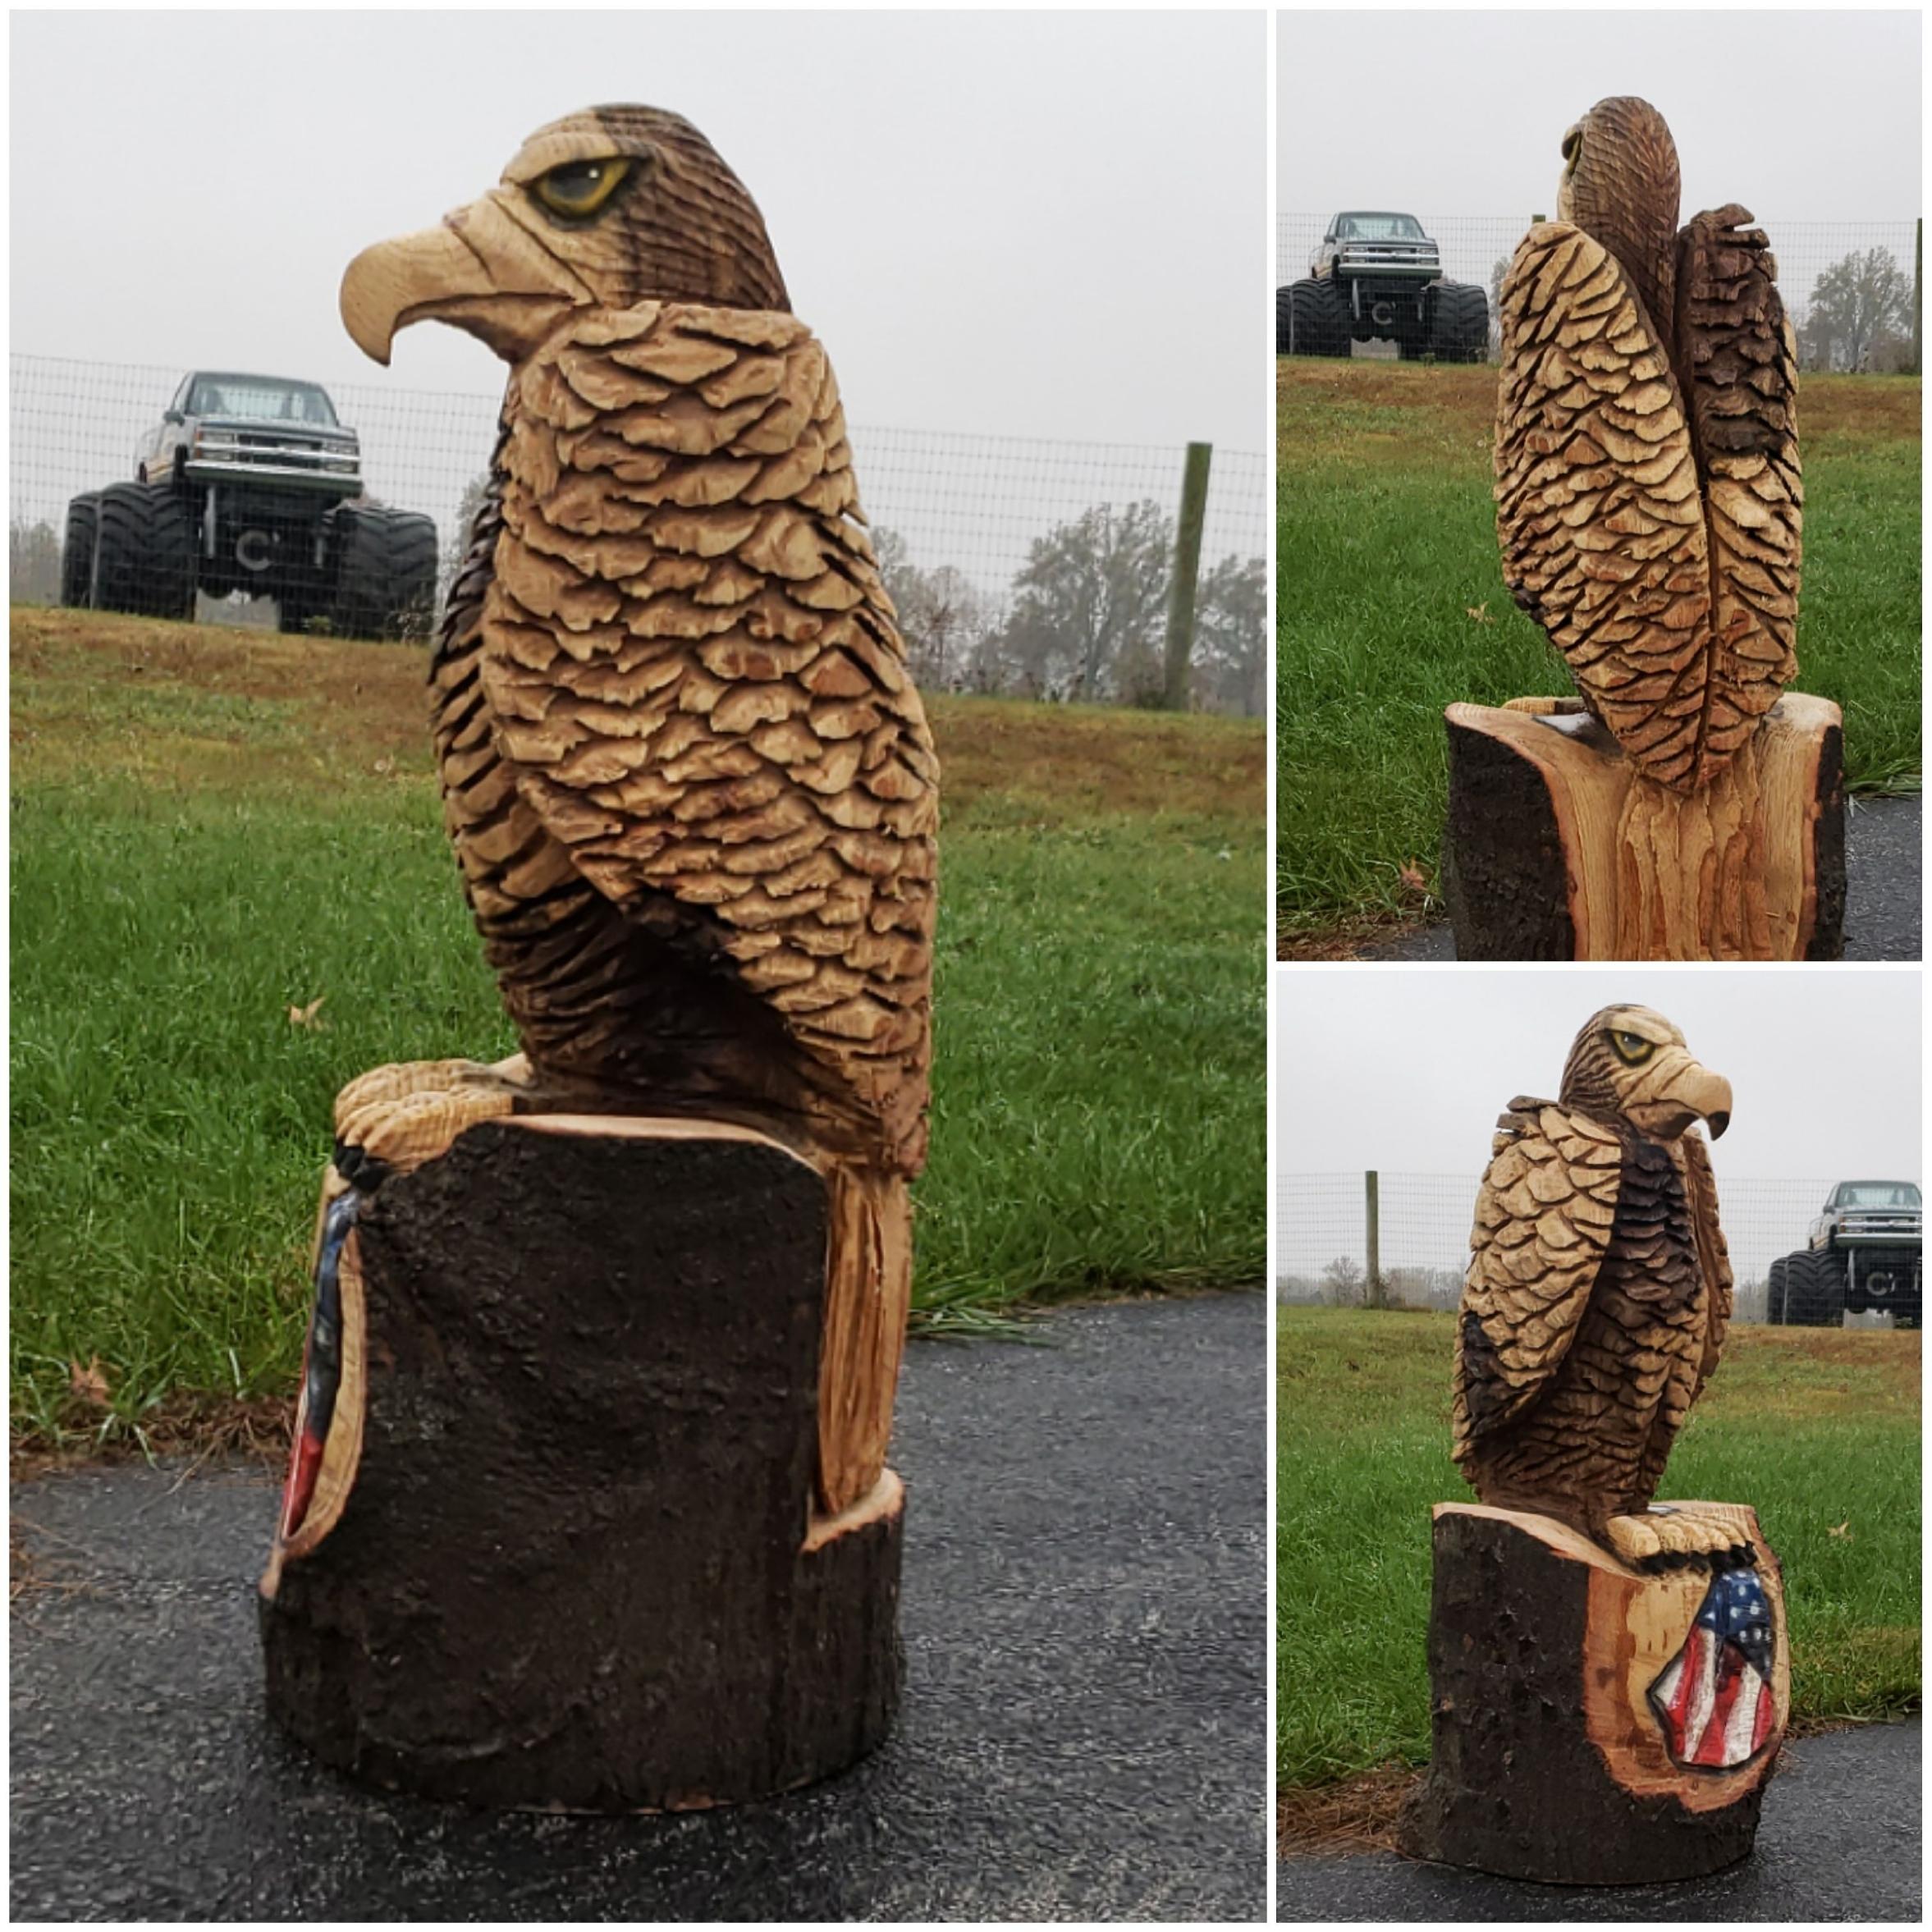 Eagle_w_Flag.jpg